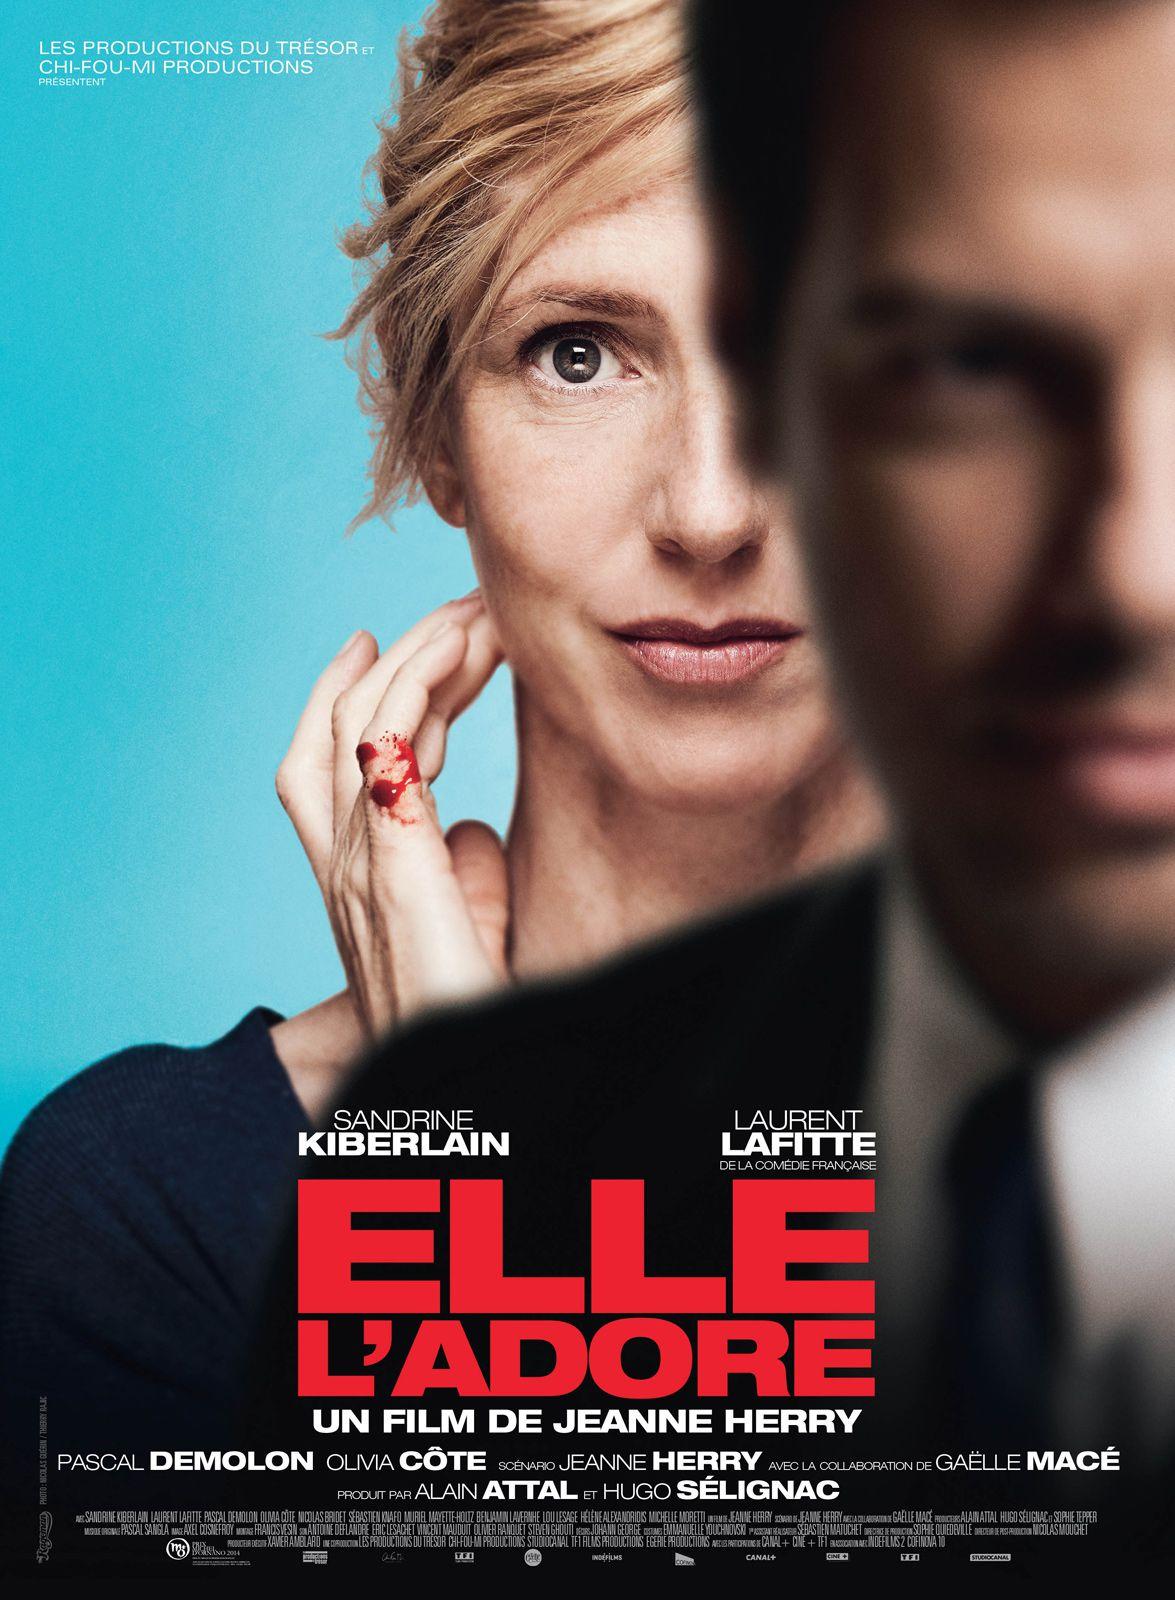 Elle l'adore - Film (2014)